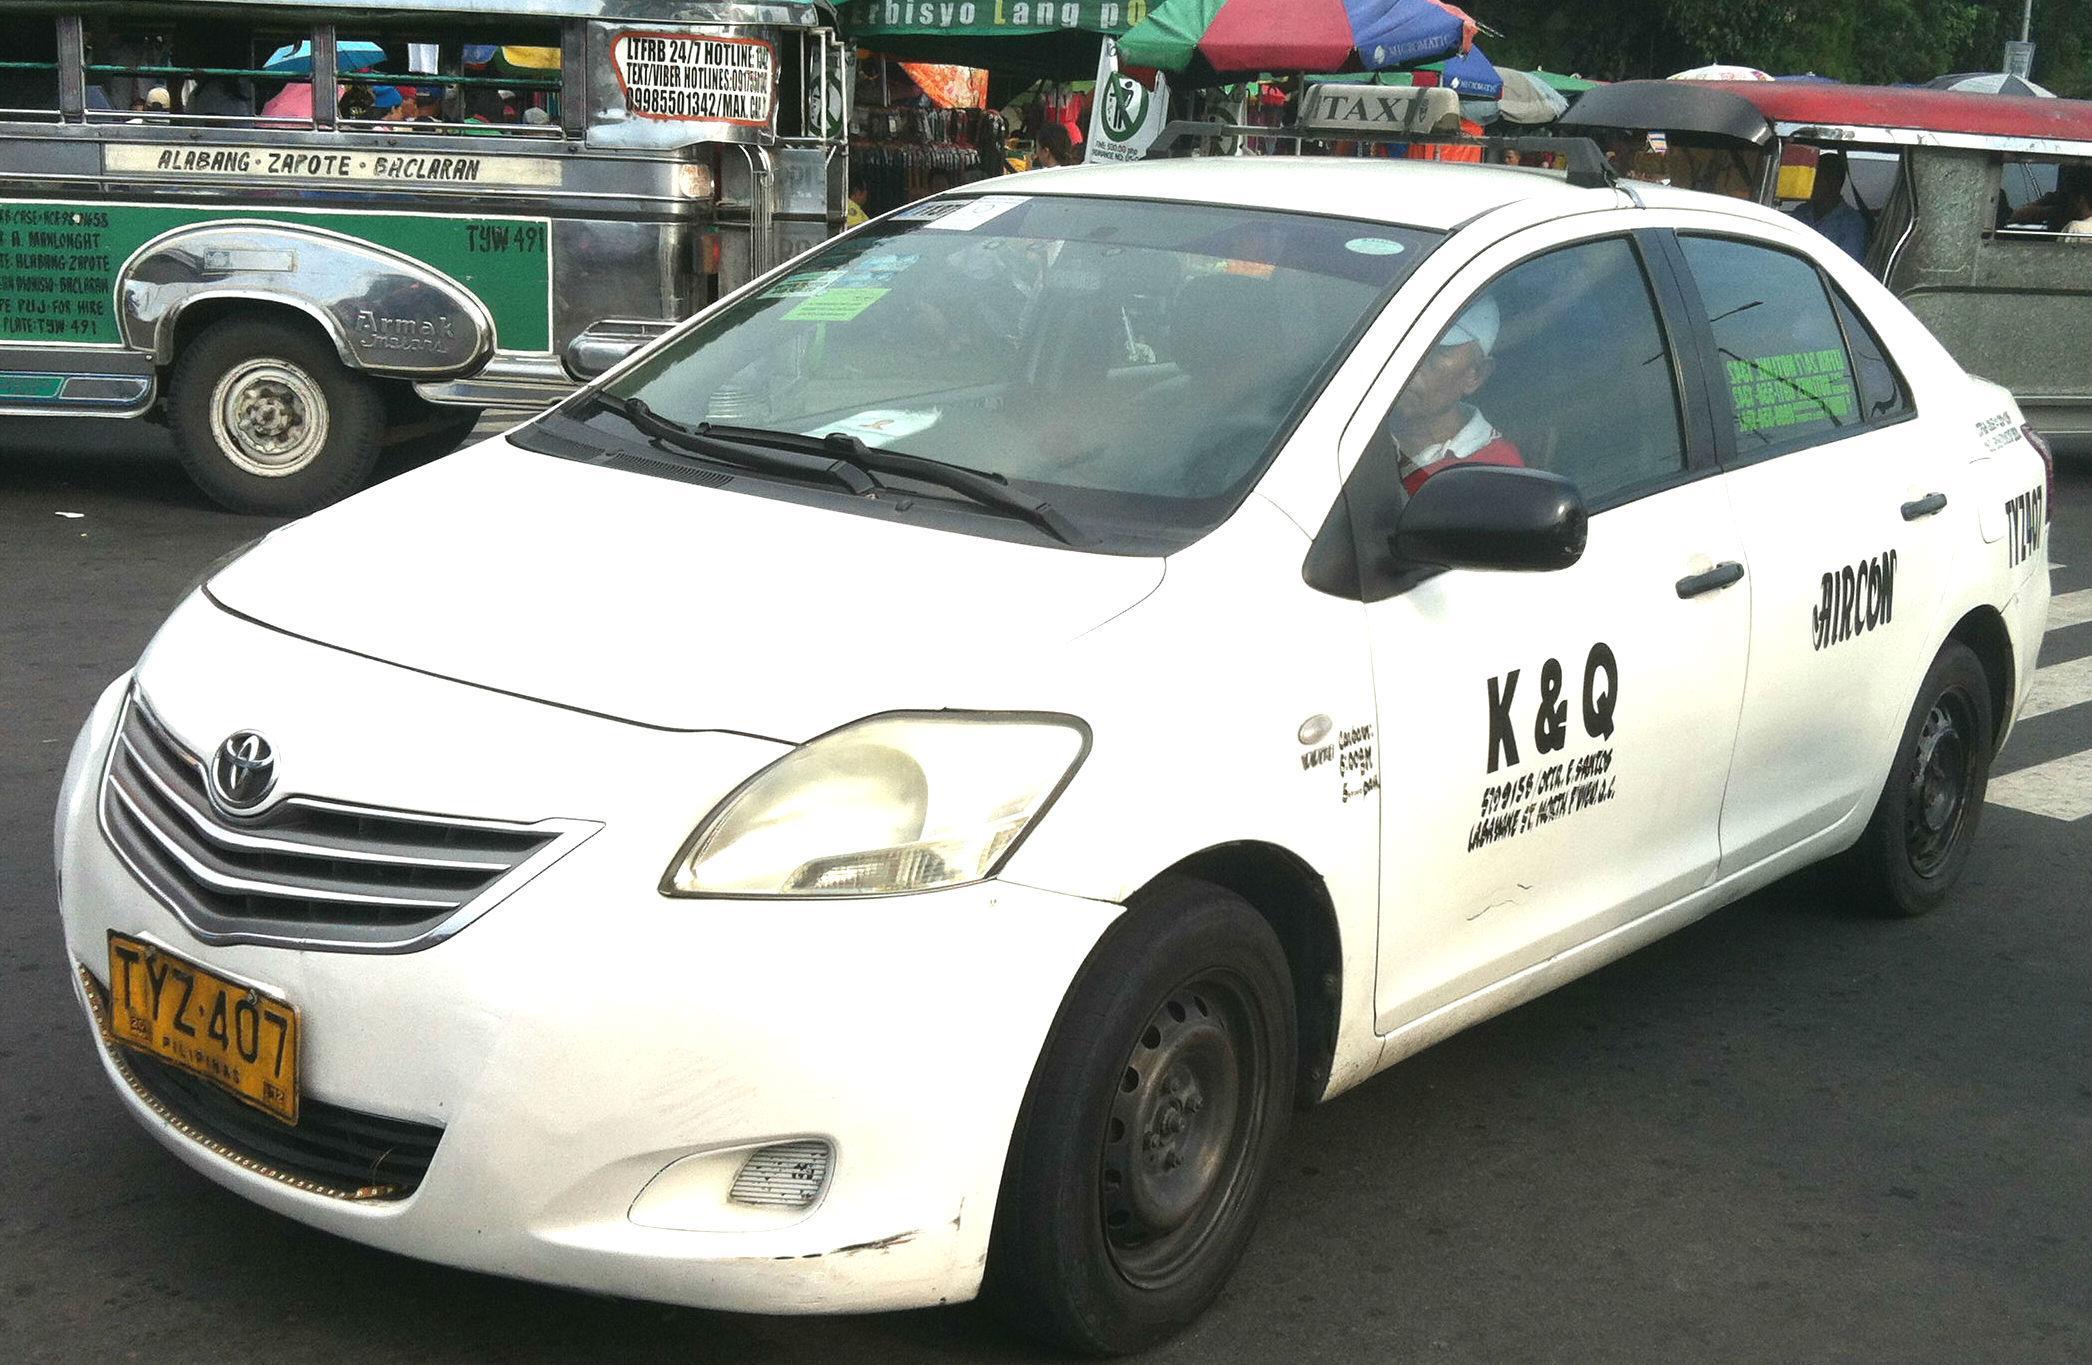 マニラでタクシーを安全に利用する方法!イメージ